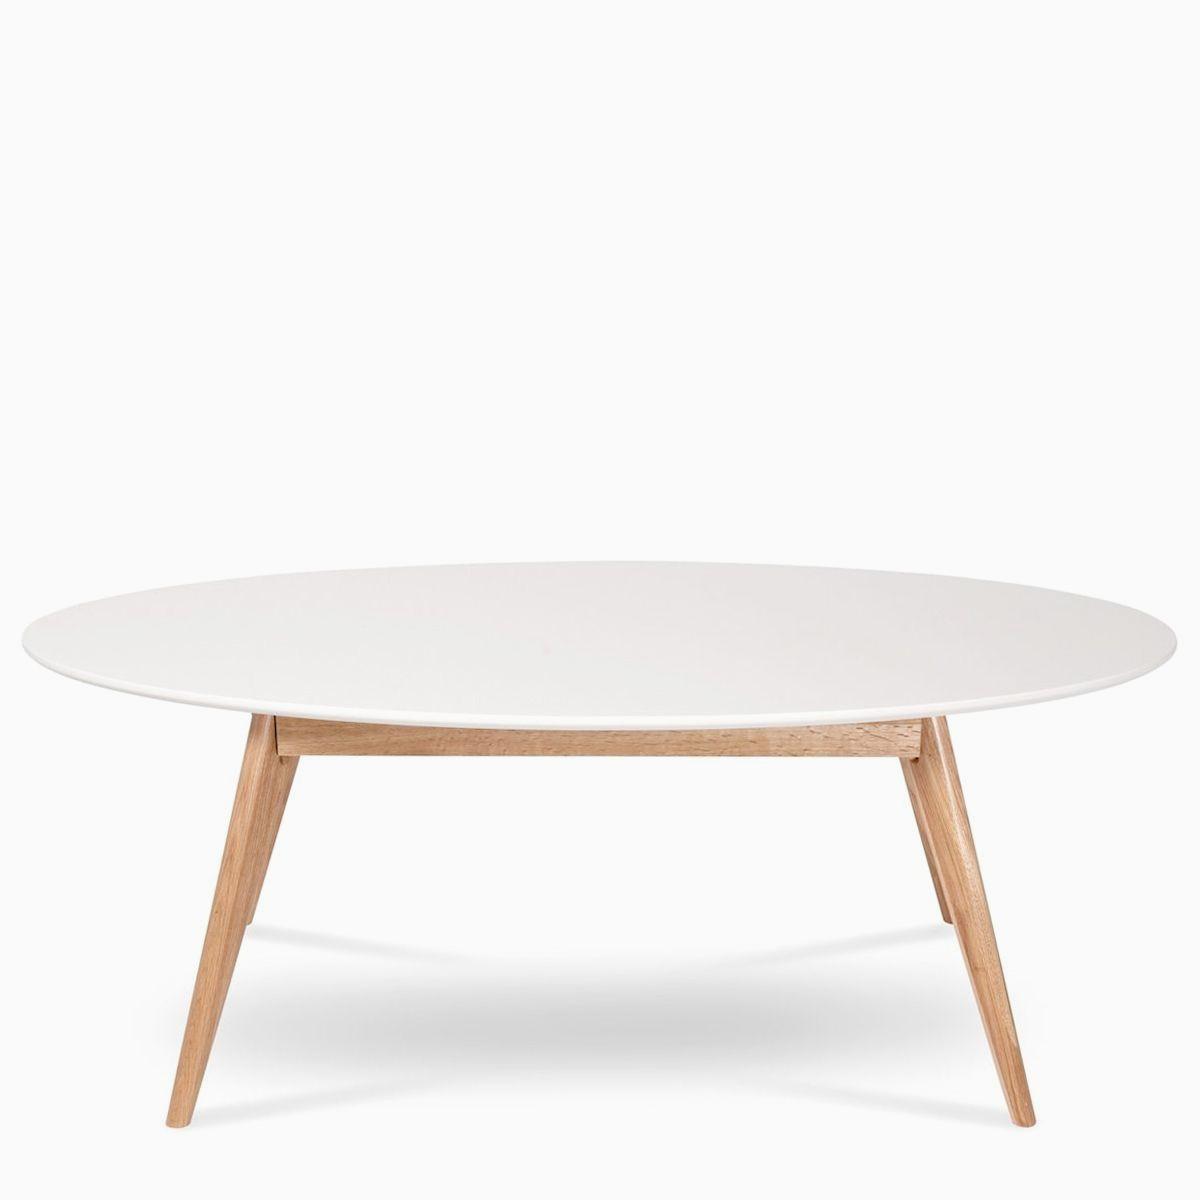 Delamaison table basse scandinave boutique gain de - Table basse delamaison ...